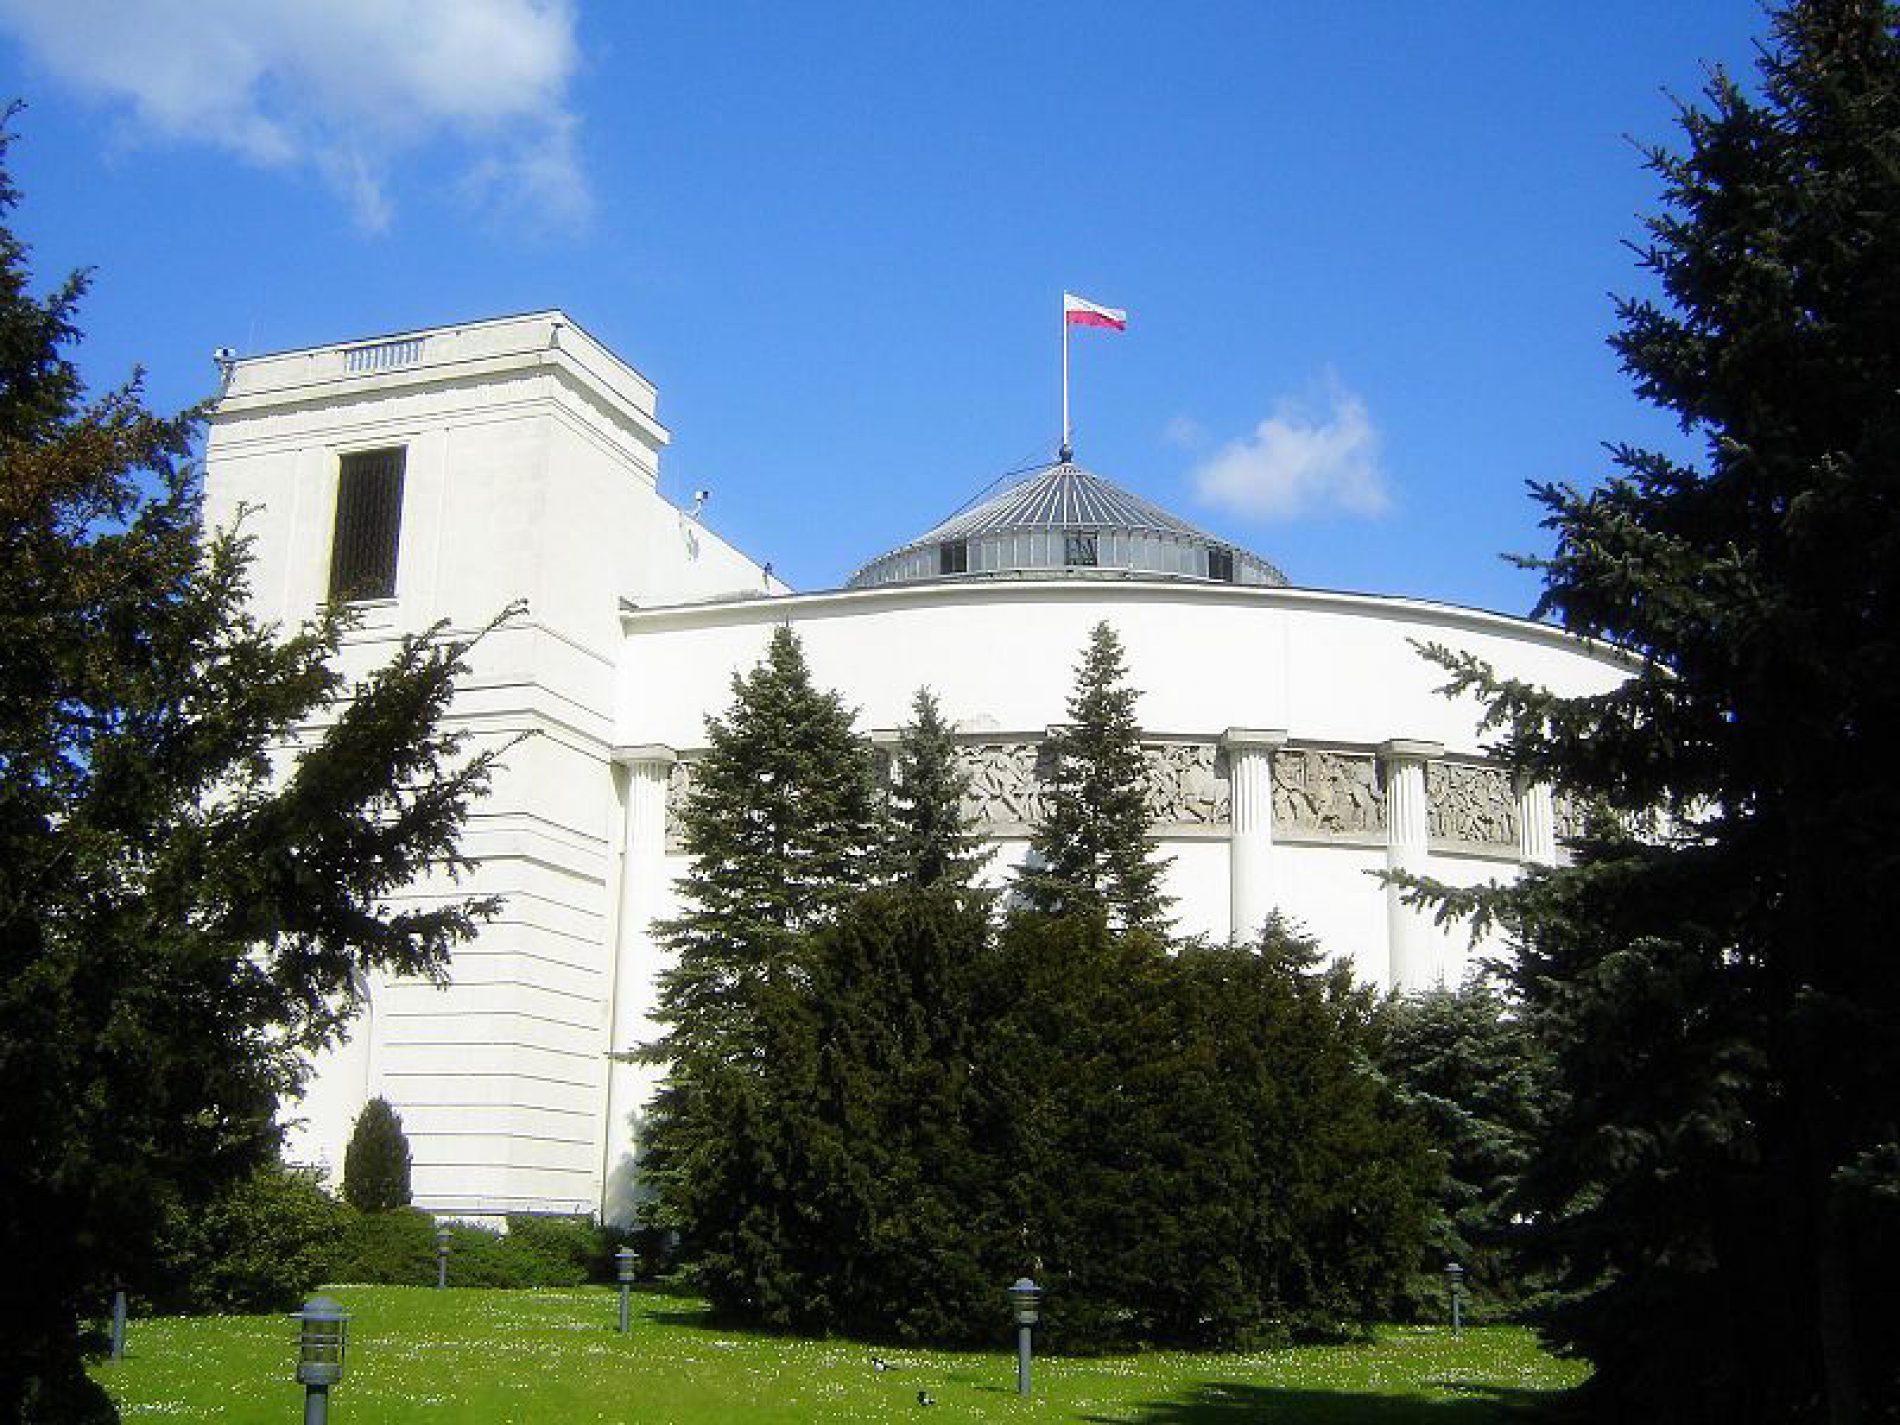 Sejm przyjął ustawę ws. ratyfikacji Konwencji Rady Europy o zapobieganiu i zwalczaniu przemocy wobec kobiet i przemocy domowej.